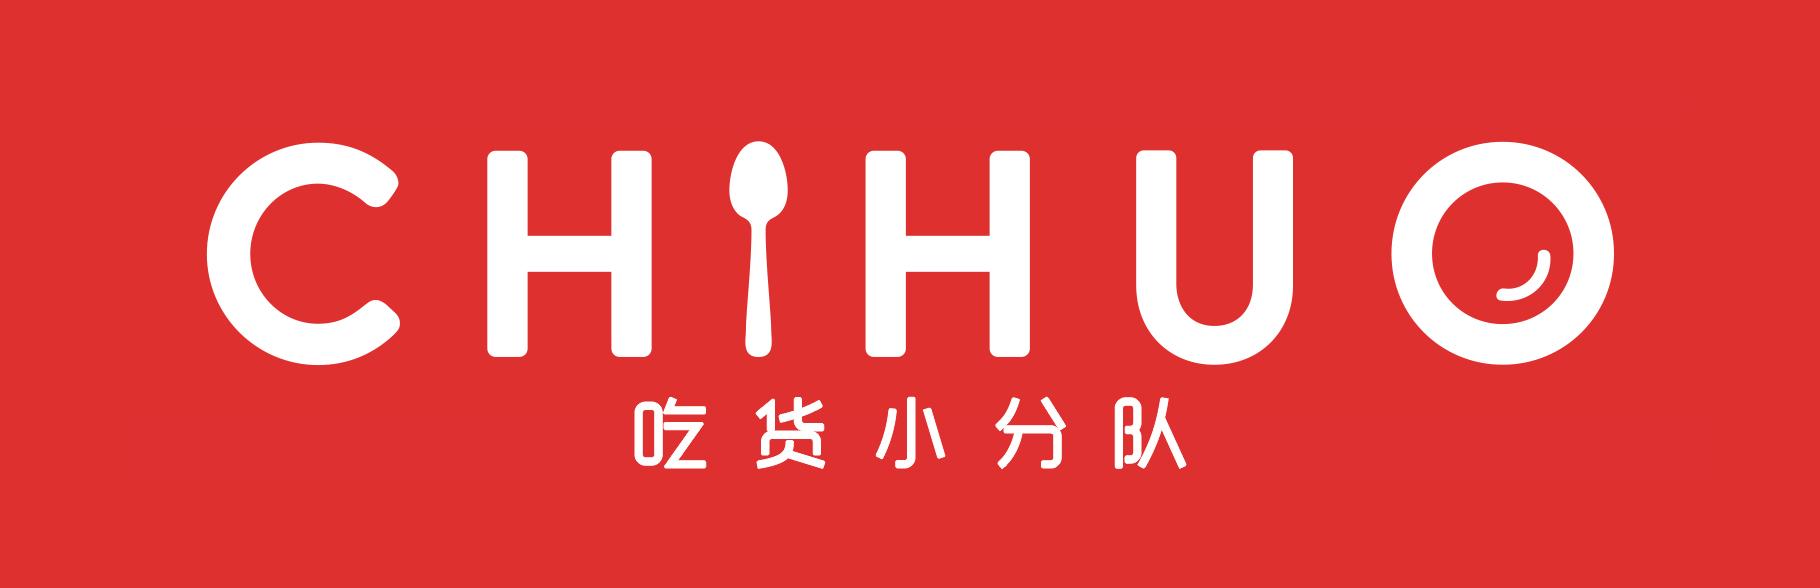 chihuo_logo_wide (en+cn).jpg